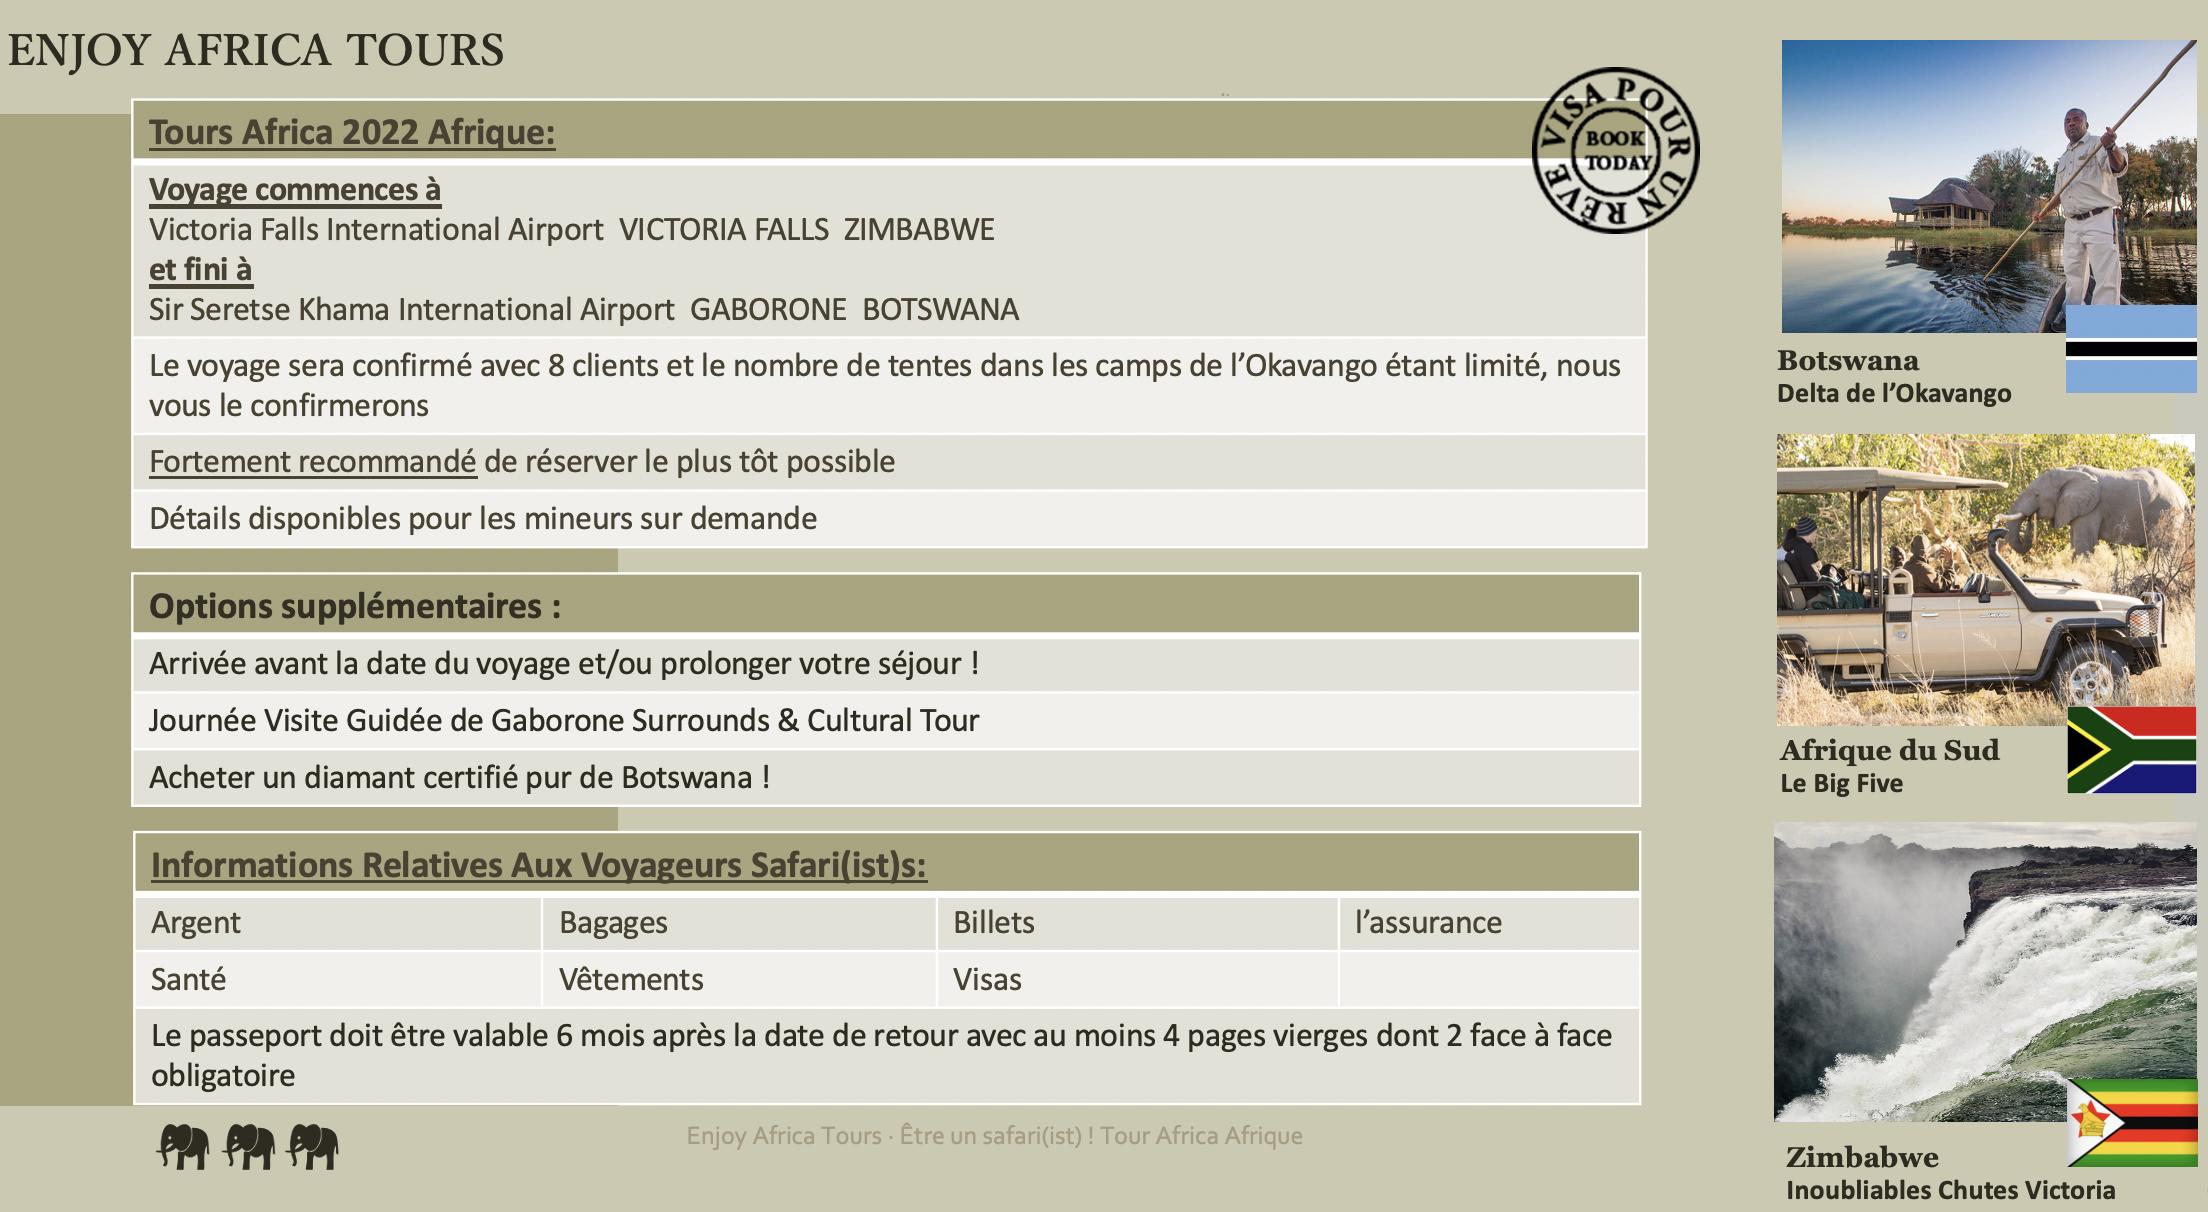 Enjoy Afrique Tours 2022